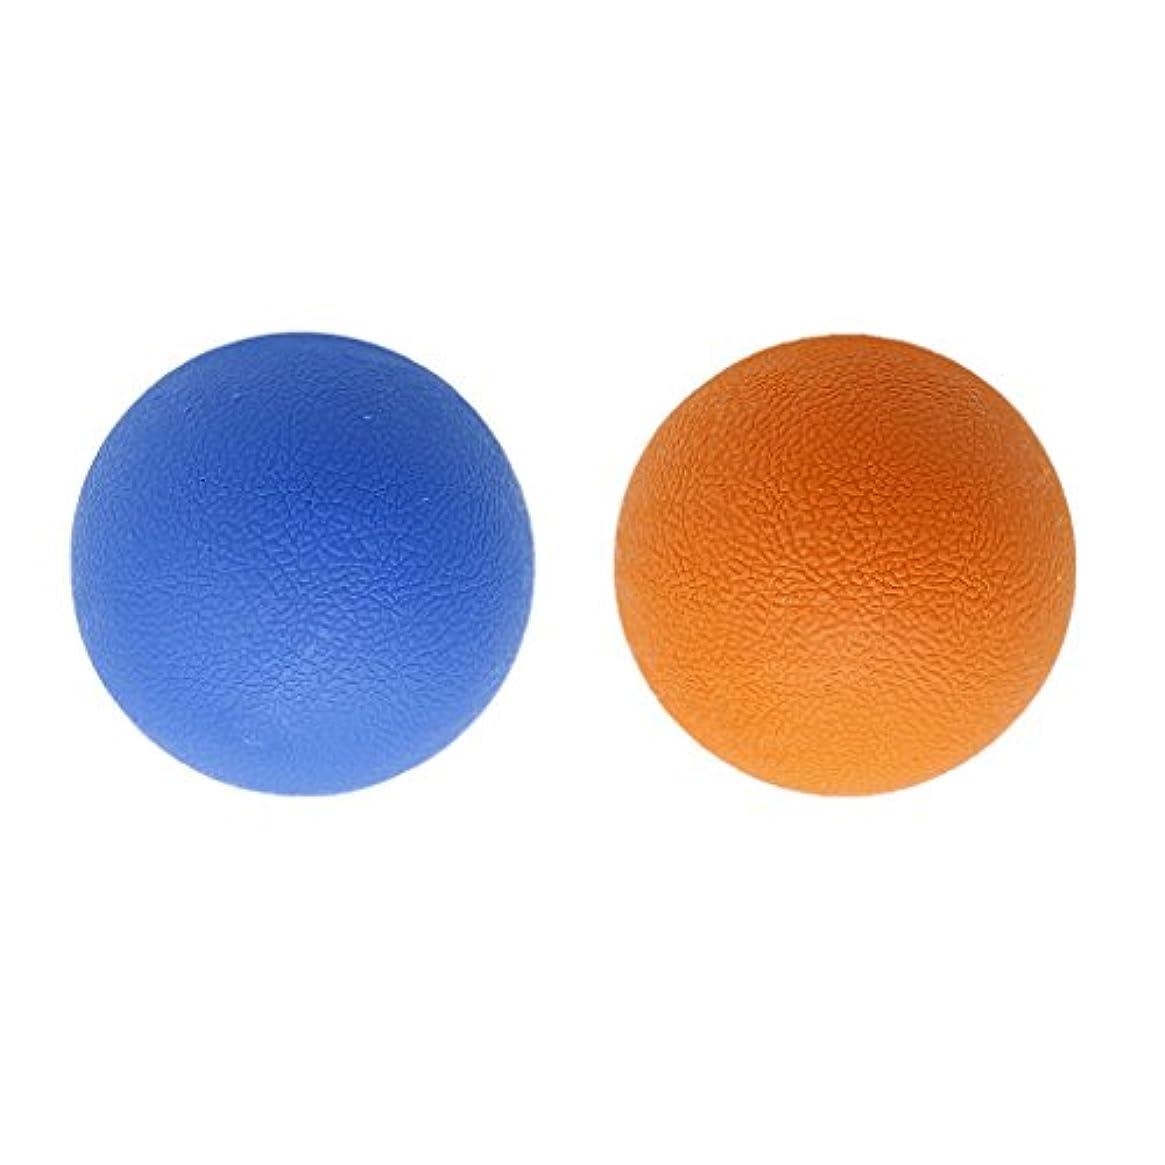 ナチュラ新しい意味手伝う2個 マッサージボール ラクロスボール トリガ ポイントマッサージ 弾性TPE 多色選べる - オレンジブルー